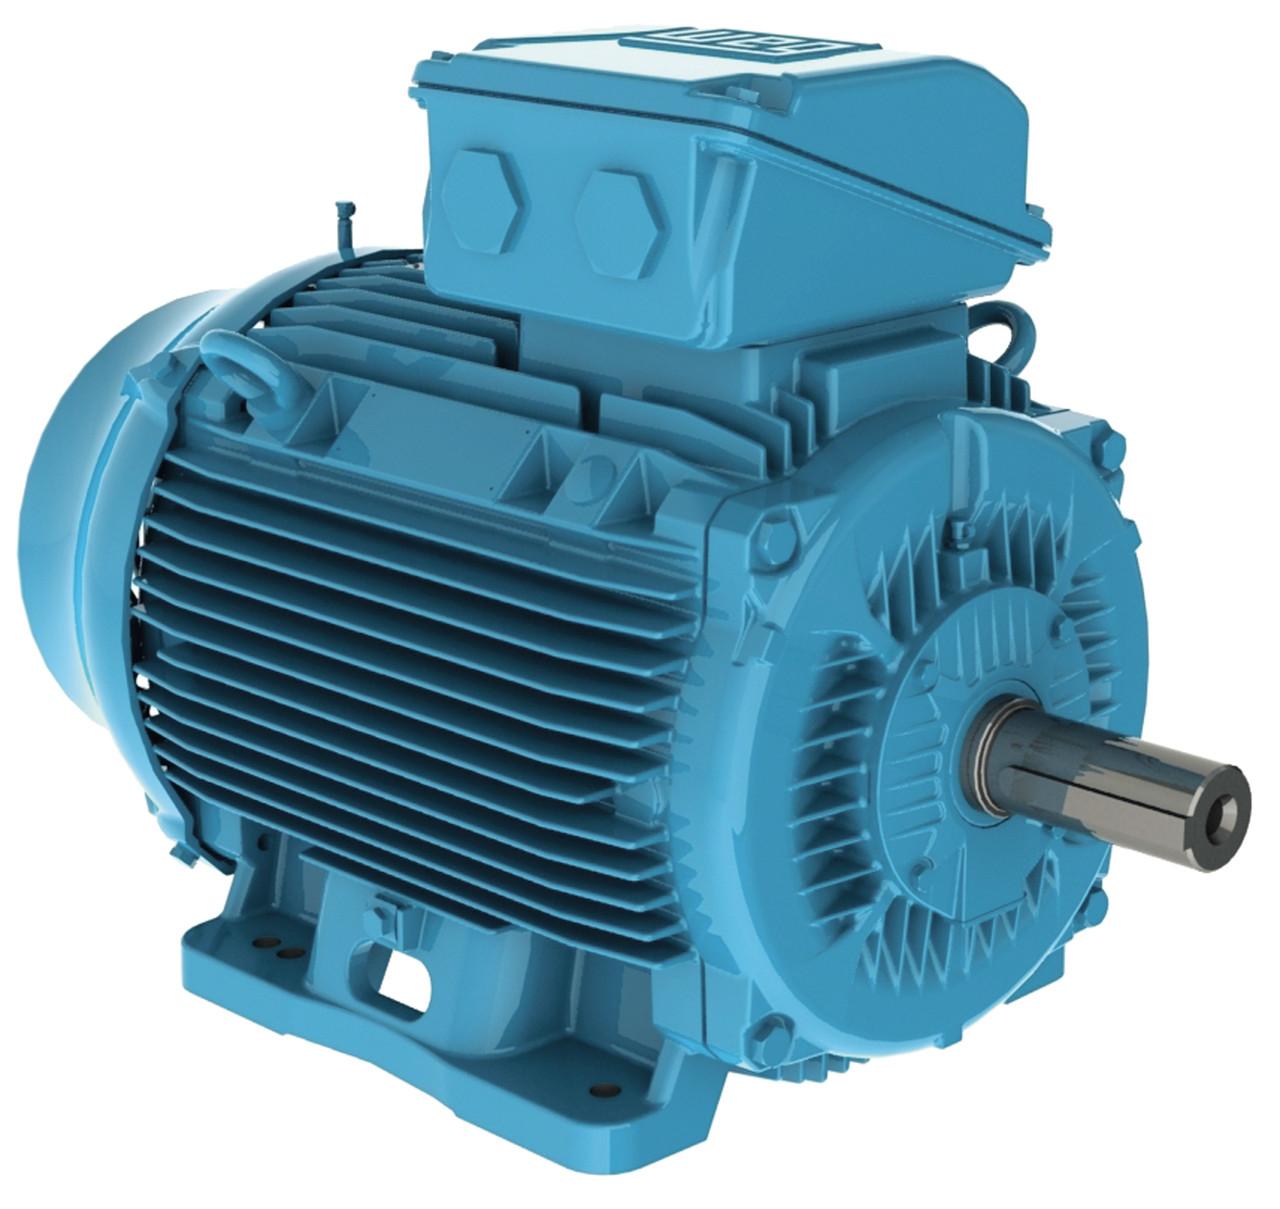 Электродвигатель W22-90S 1,1kw 4Pol B3T, 220-240/380-415, 50Hz, IE1, IP55, Std